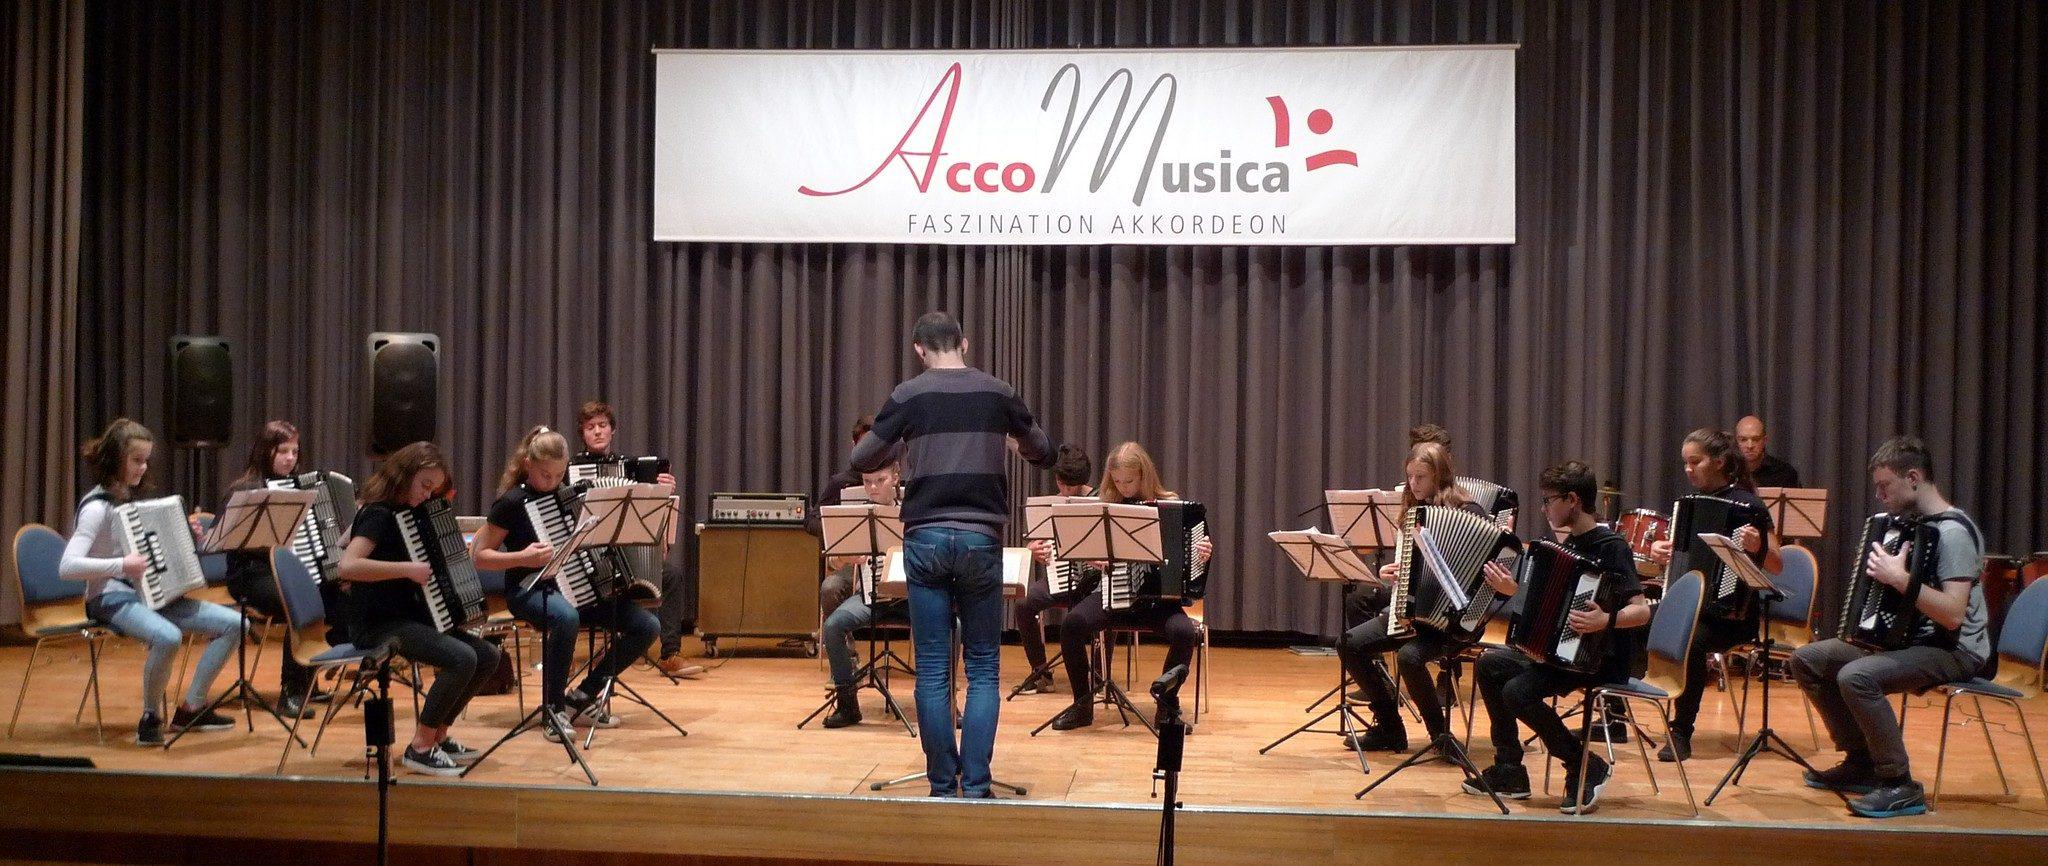 Das Jugendorchester von AccoMusica bei der Hauptprobe zum Akkordeon-Konzert 2016